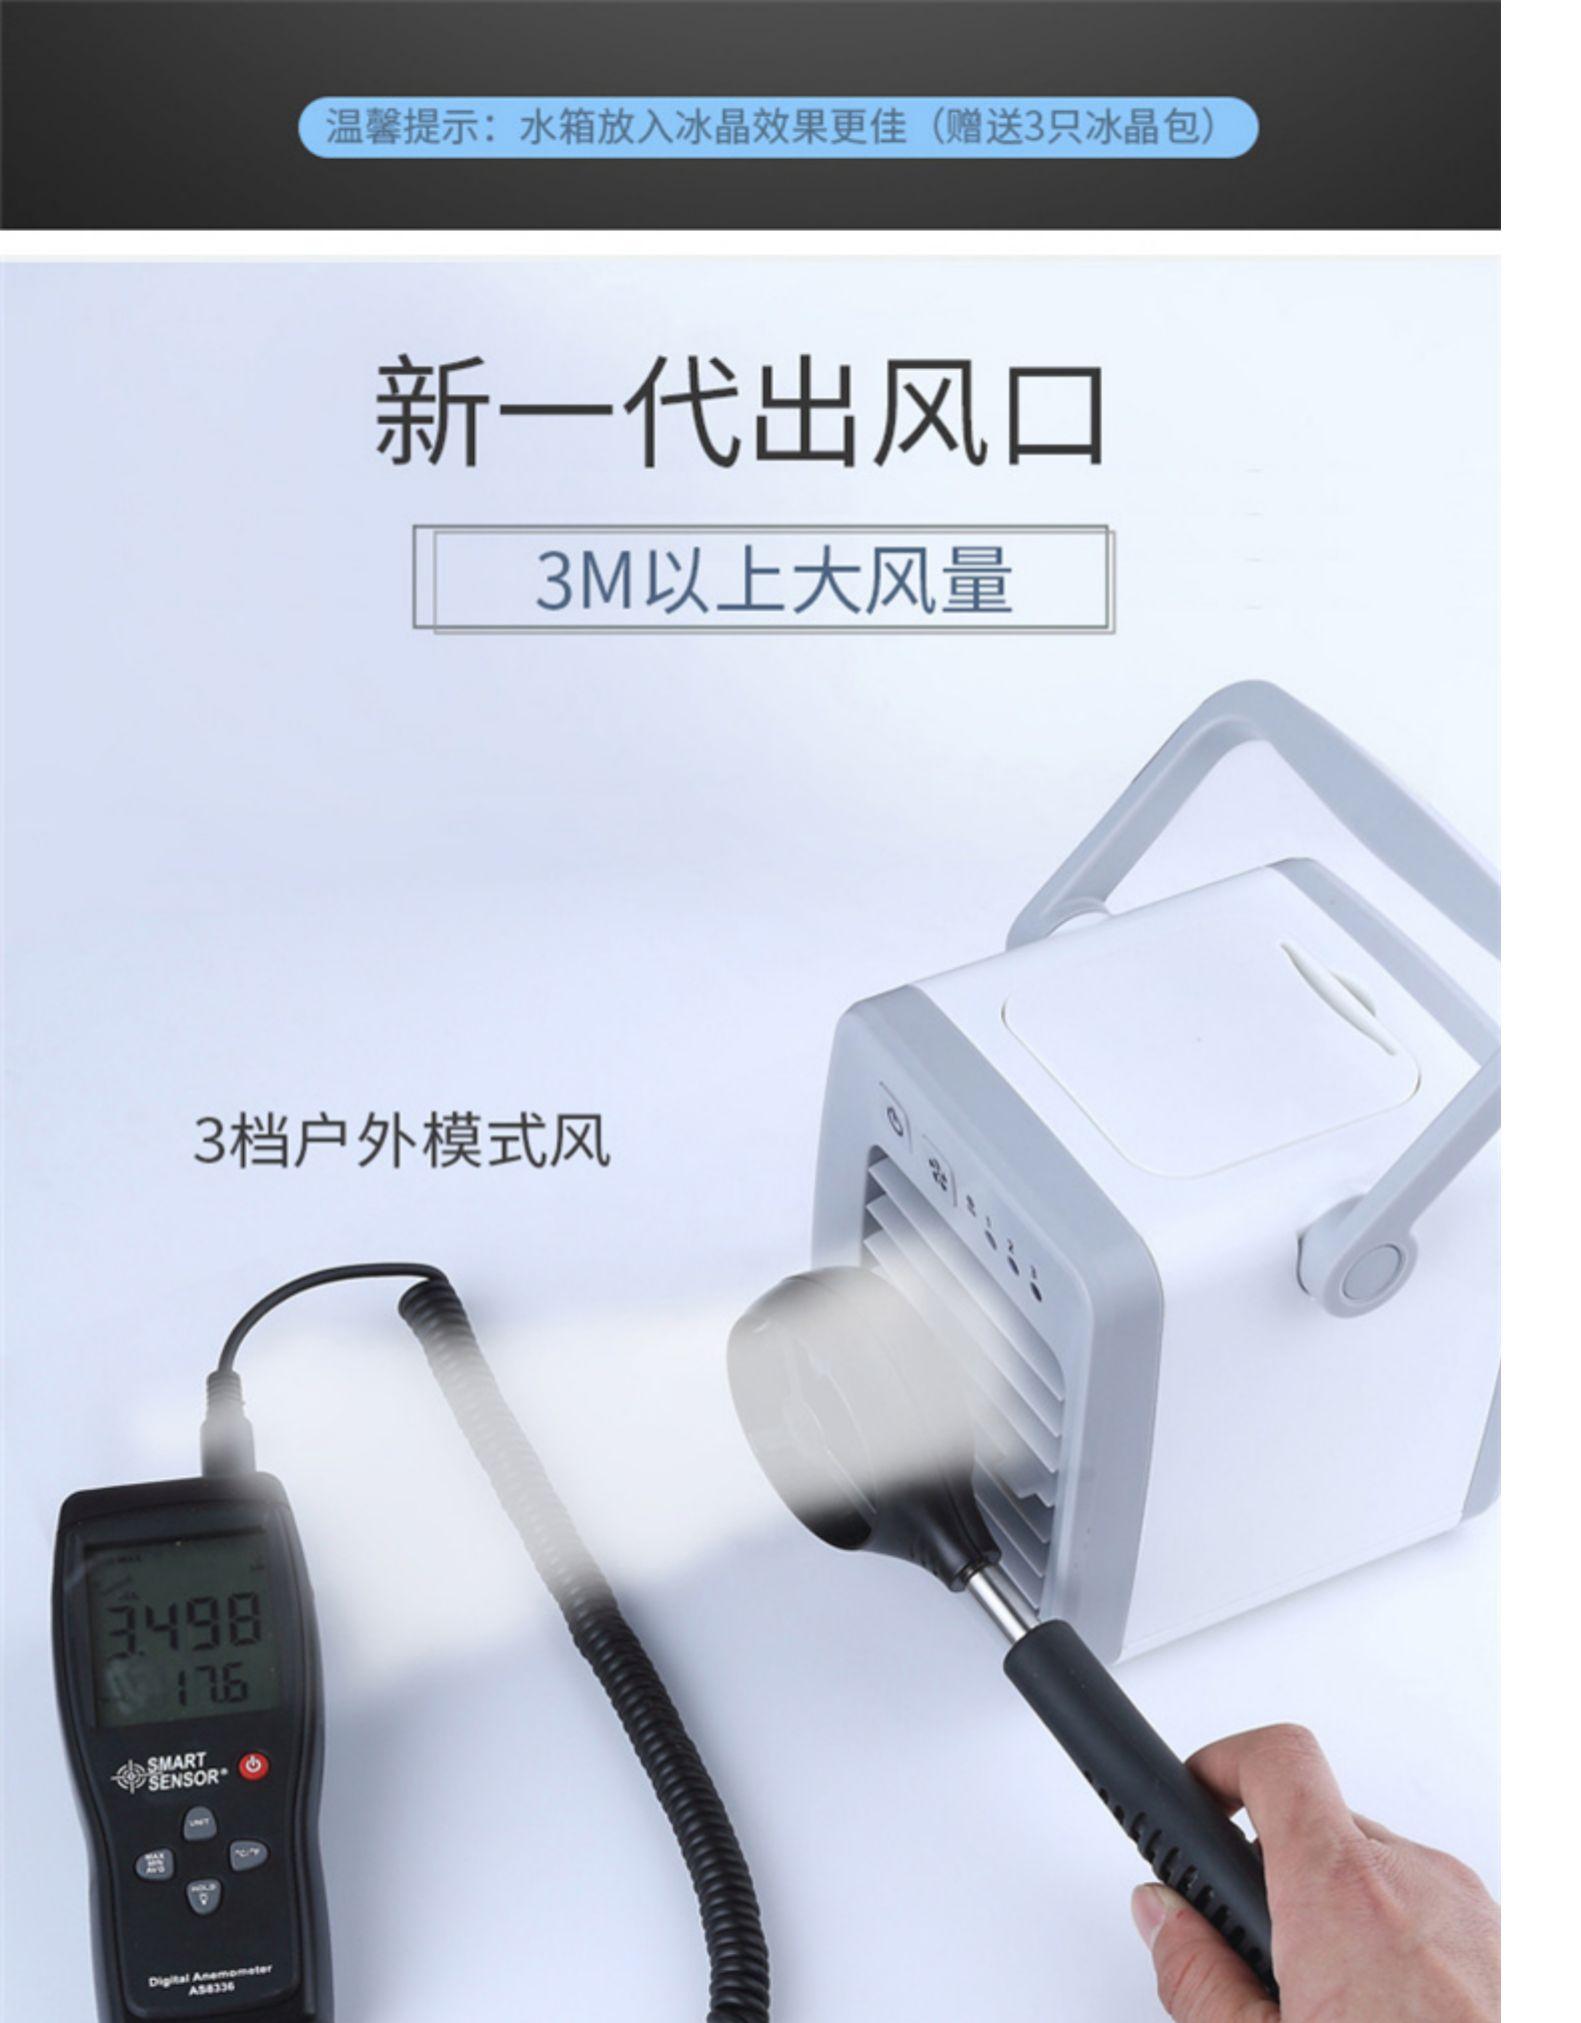 2020新款 攜帶式迷你風扇 迷你制冷 空調涼風扇 空調扇 水冷扇 冷風扇 涼風扇 降溫神器 多檔功能 小風扇 冷風機 迷你冷氣機(NO.60)